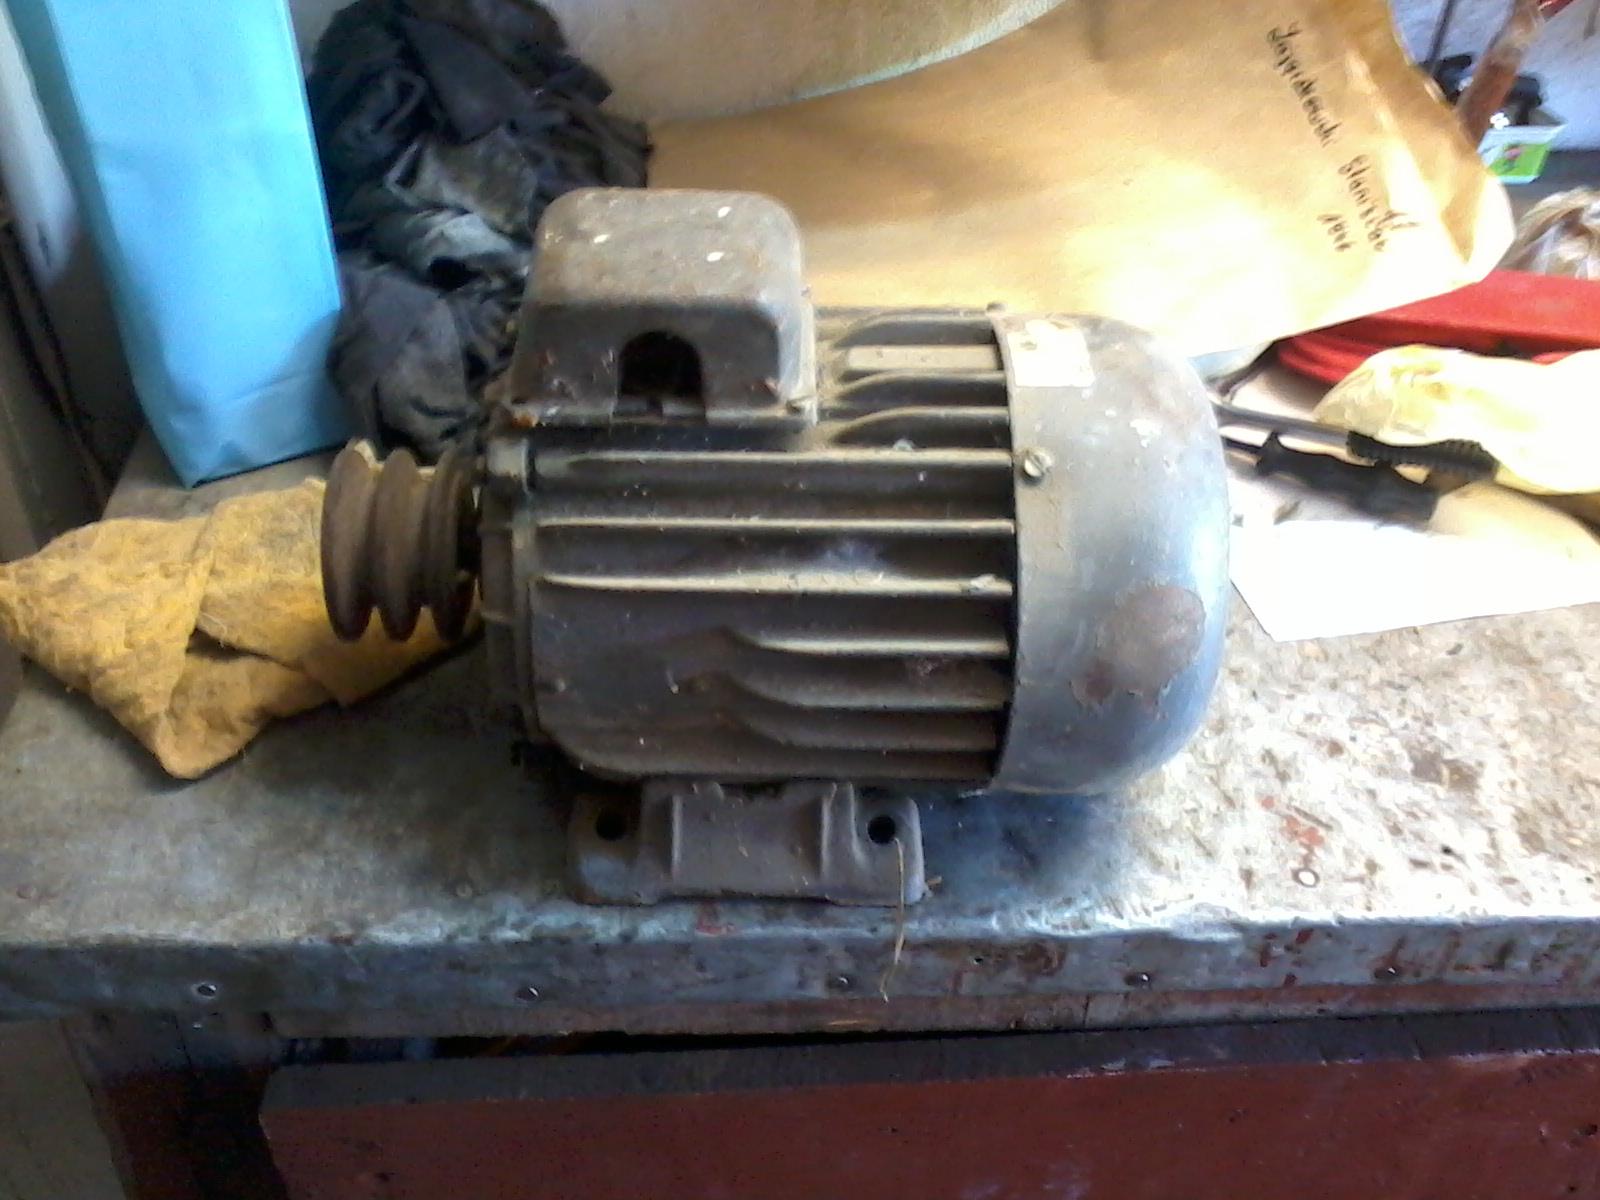 Jaki to silnik? jaka jest jego moc?